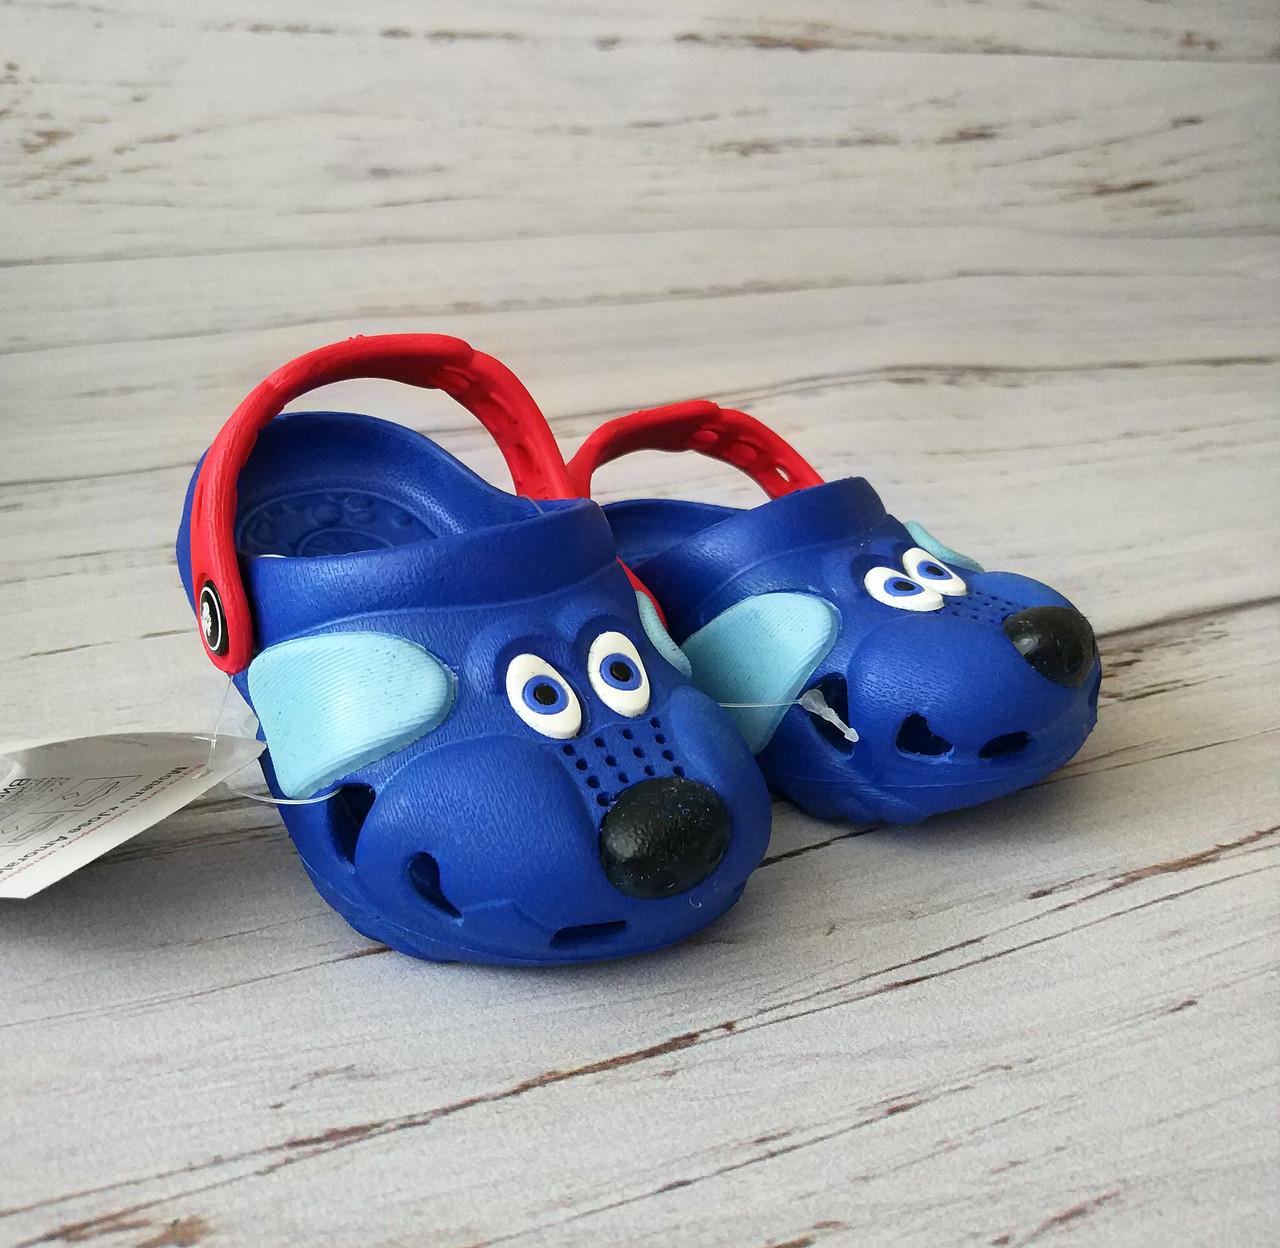 Кроксы синие собачки, пляжная обувь, сабо Jose Amorales